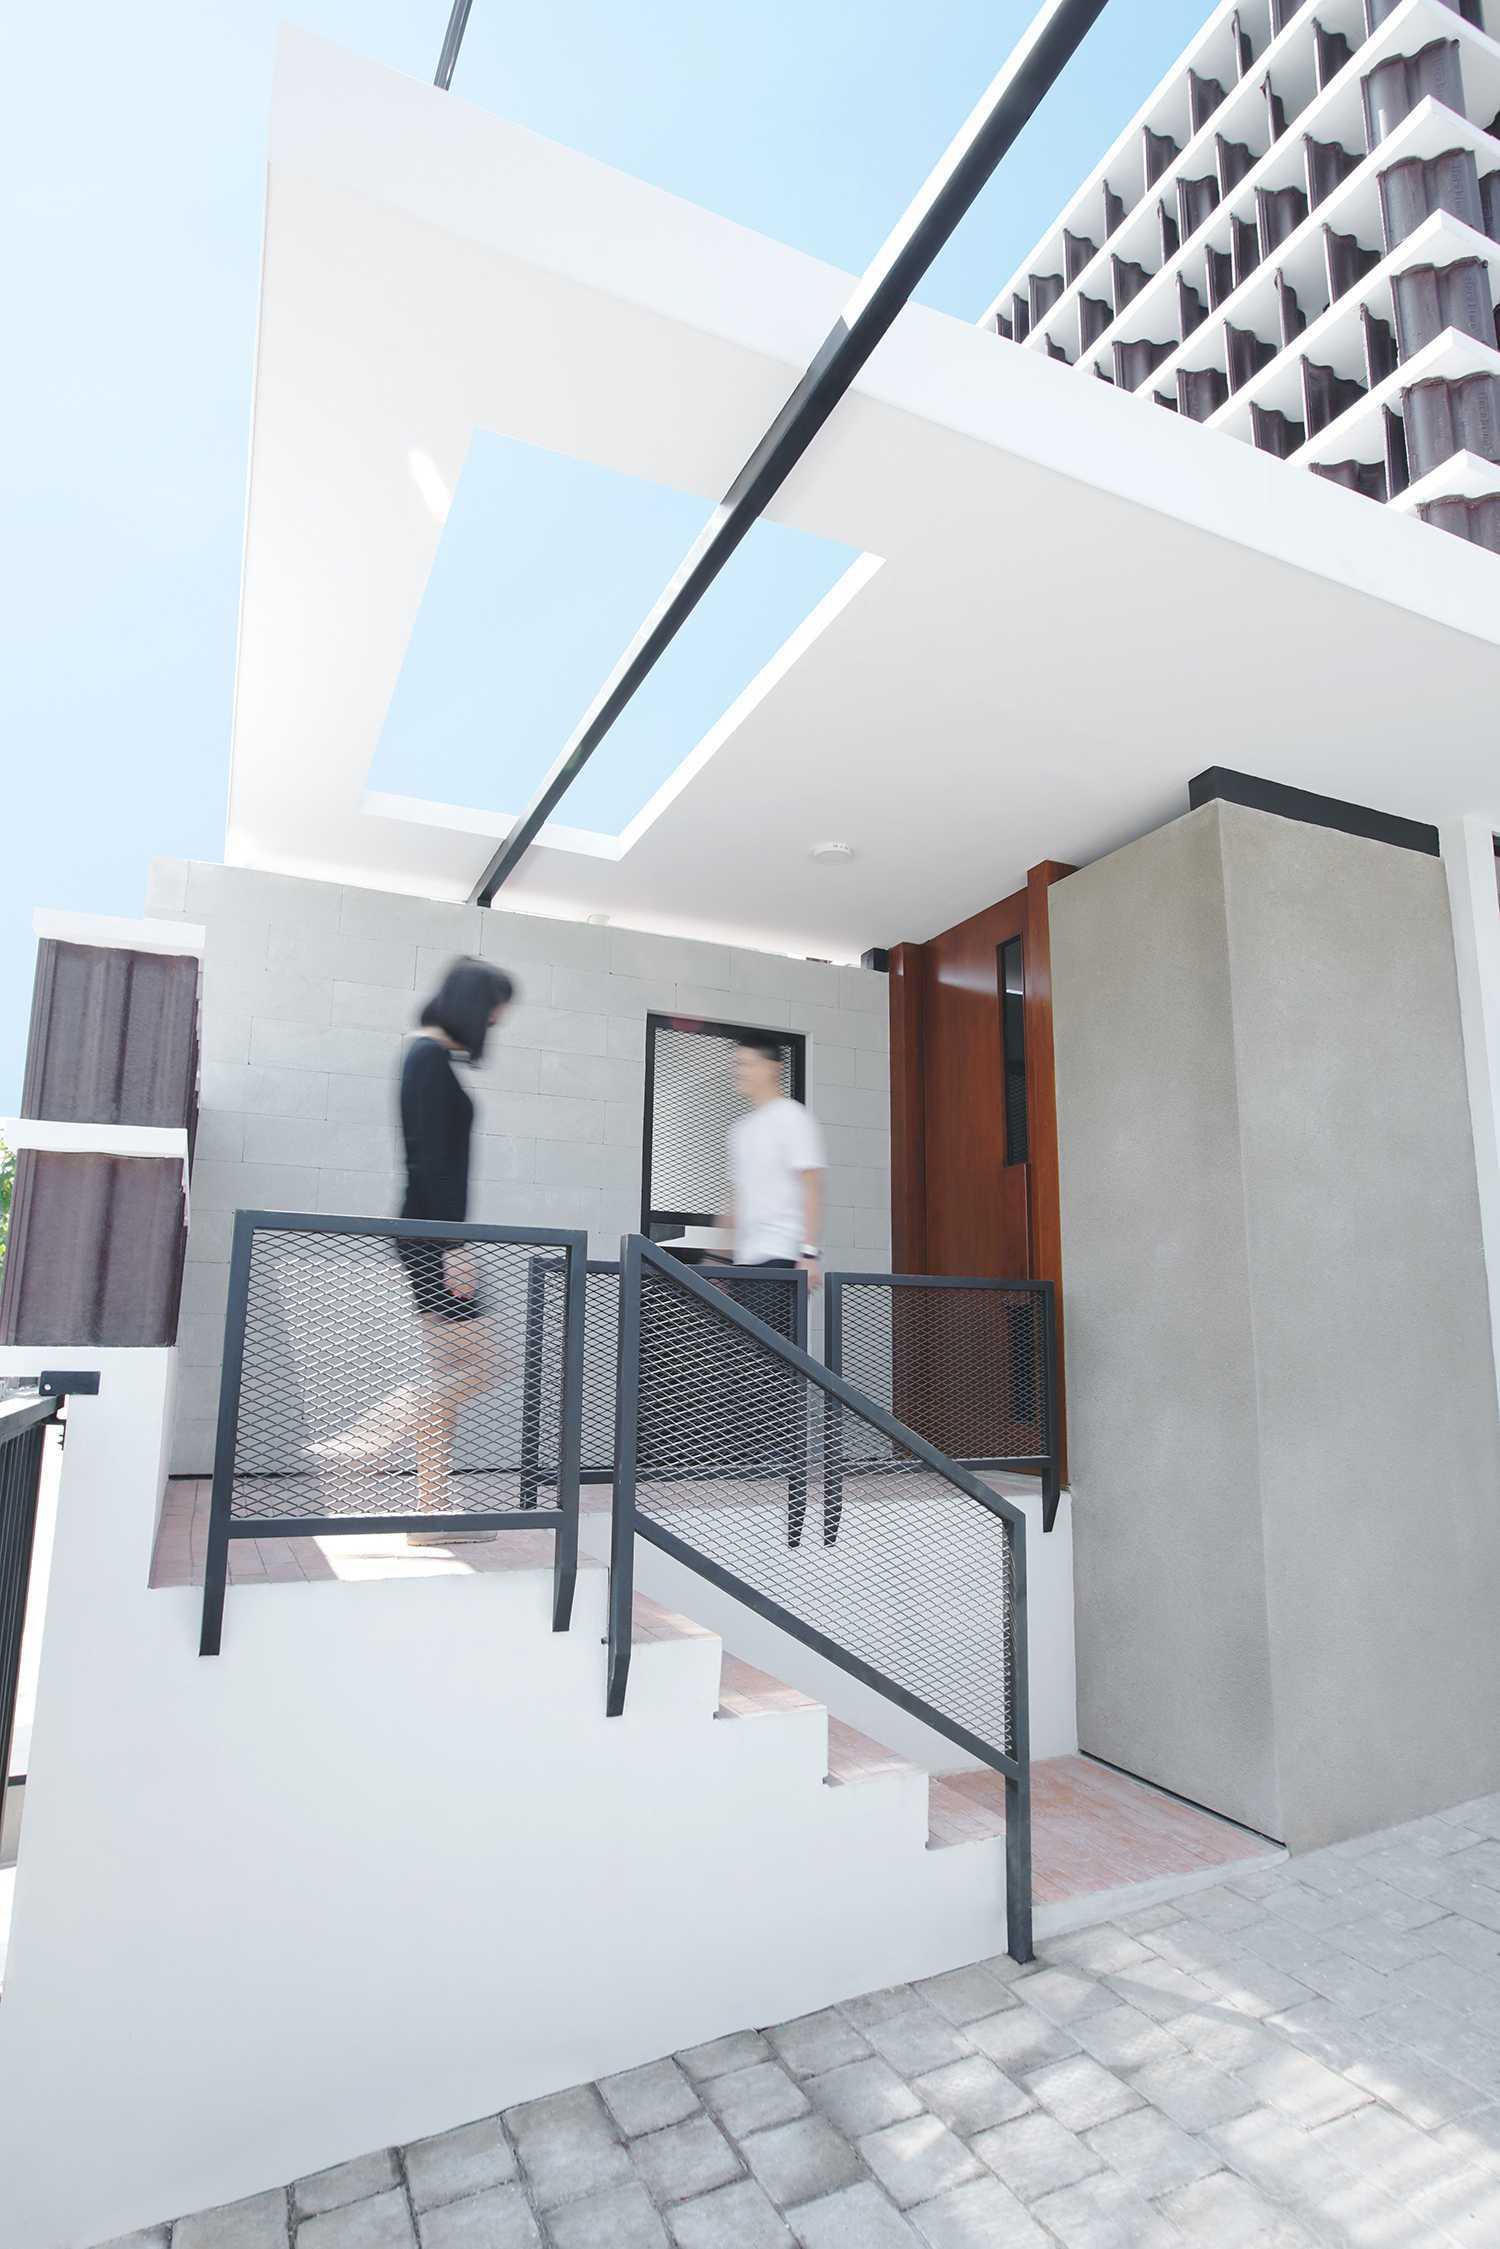 Saso Architecture Studio Rumah Genteng Bintara, Kec. Bekasi Bar., Kota Bks, Jawa Barat, Indonesia Bintara, Kec. Bekasi Bar., Kota Bks, Jawa Barat, Indonesia Saso-Architecture-Studio-Rumah-Genteng   79379